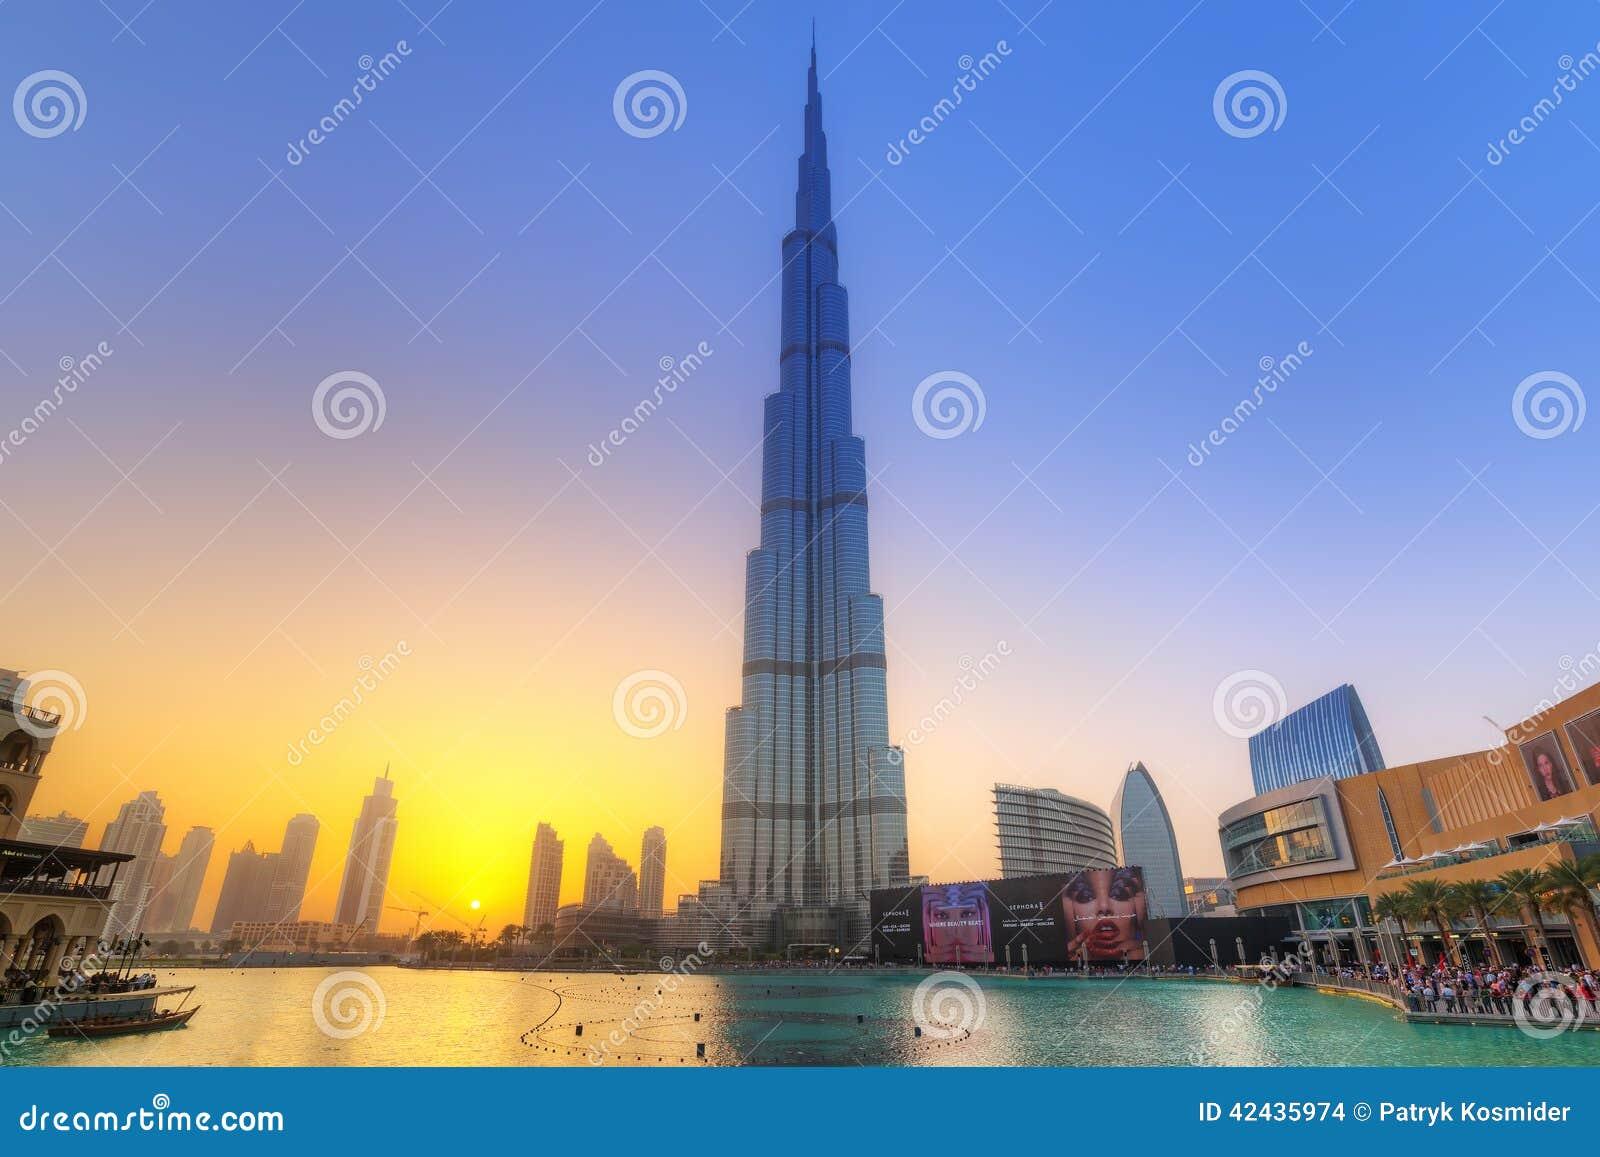 Burj Khalifa in Dubai at sunset, UAE